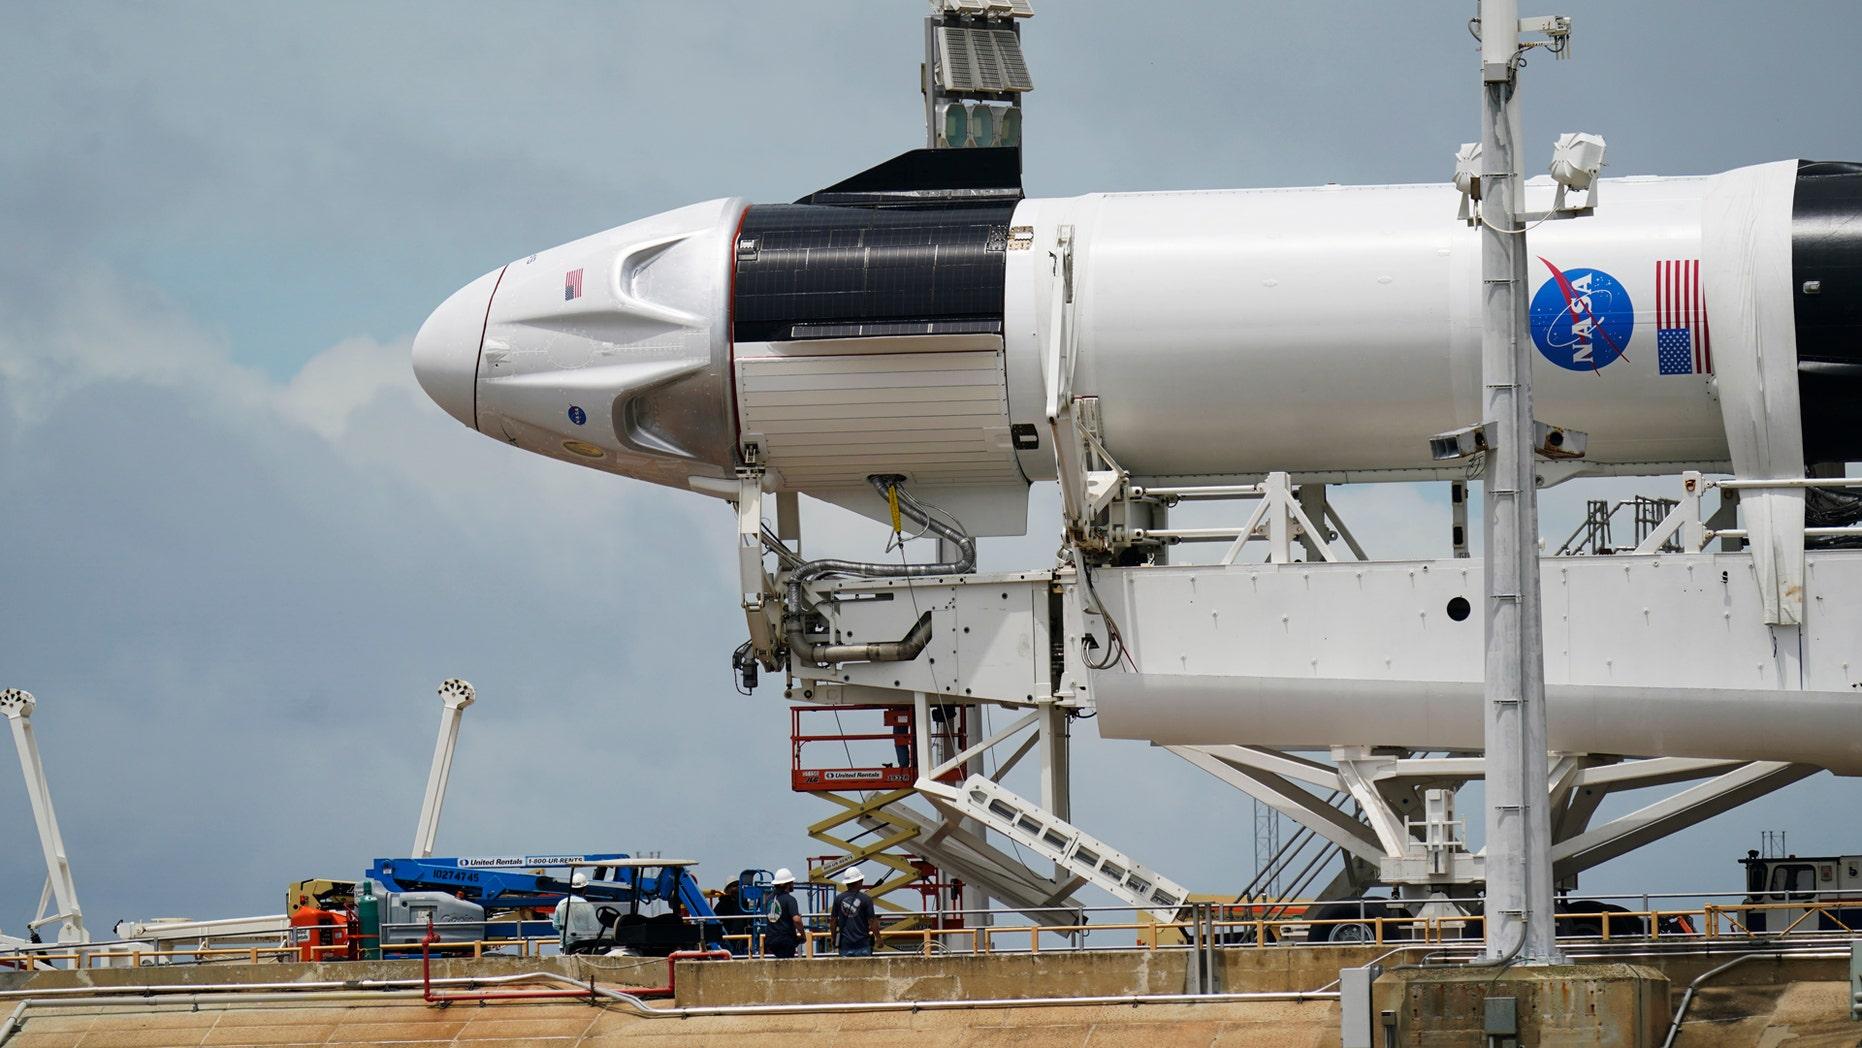 https://a57.foxnews.com/static.foxnews.com/foxnews.com/content/uploads/2020/05/1862/1048/SpaceXNASALaunch3.jpg